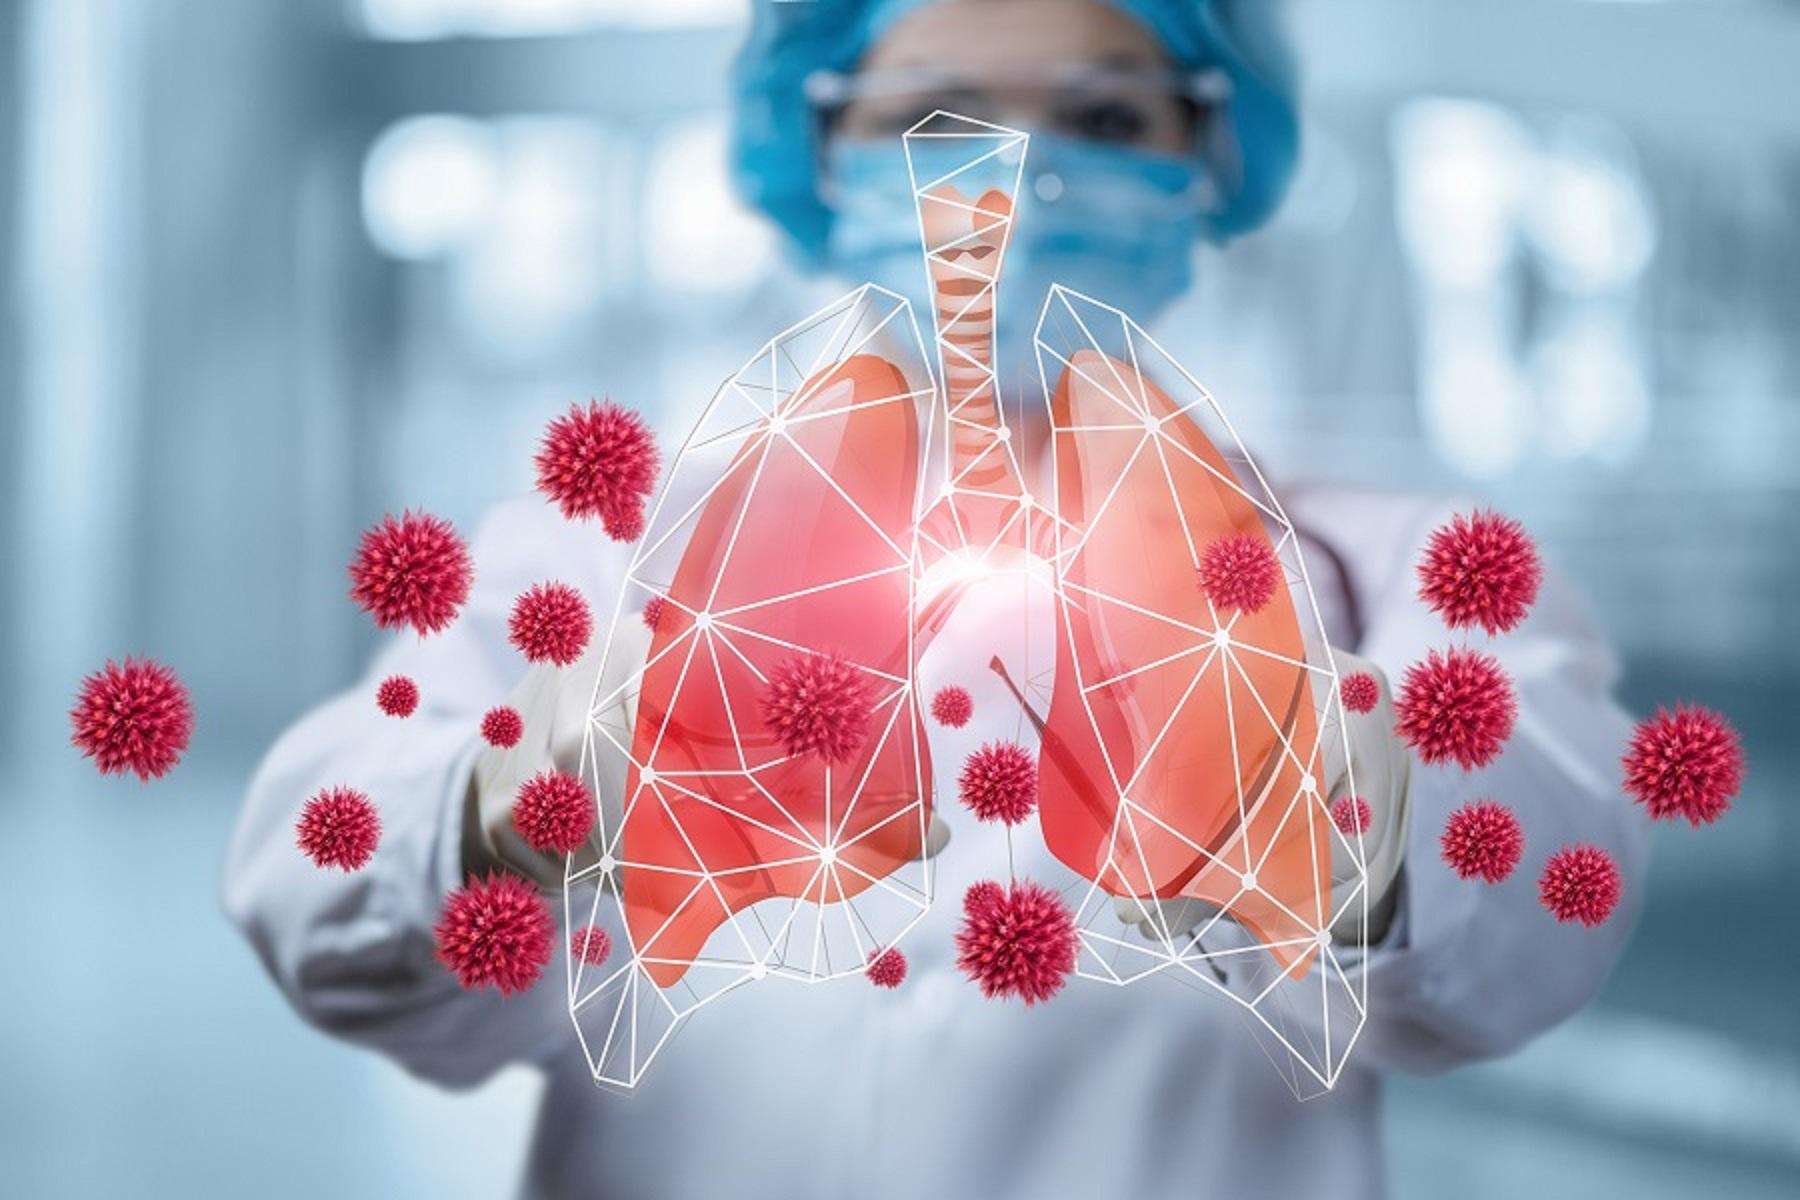 Νέα Μελέτη: Η πρωτεΐνη ακίδων της Covid παίζει βασικό ρόλο στην ασθένεια